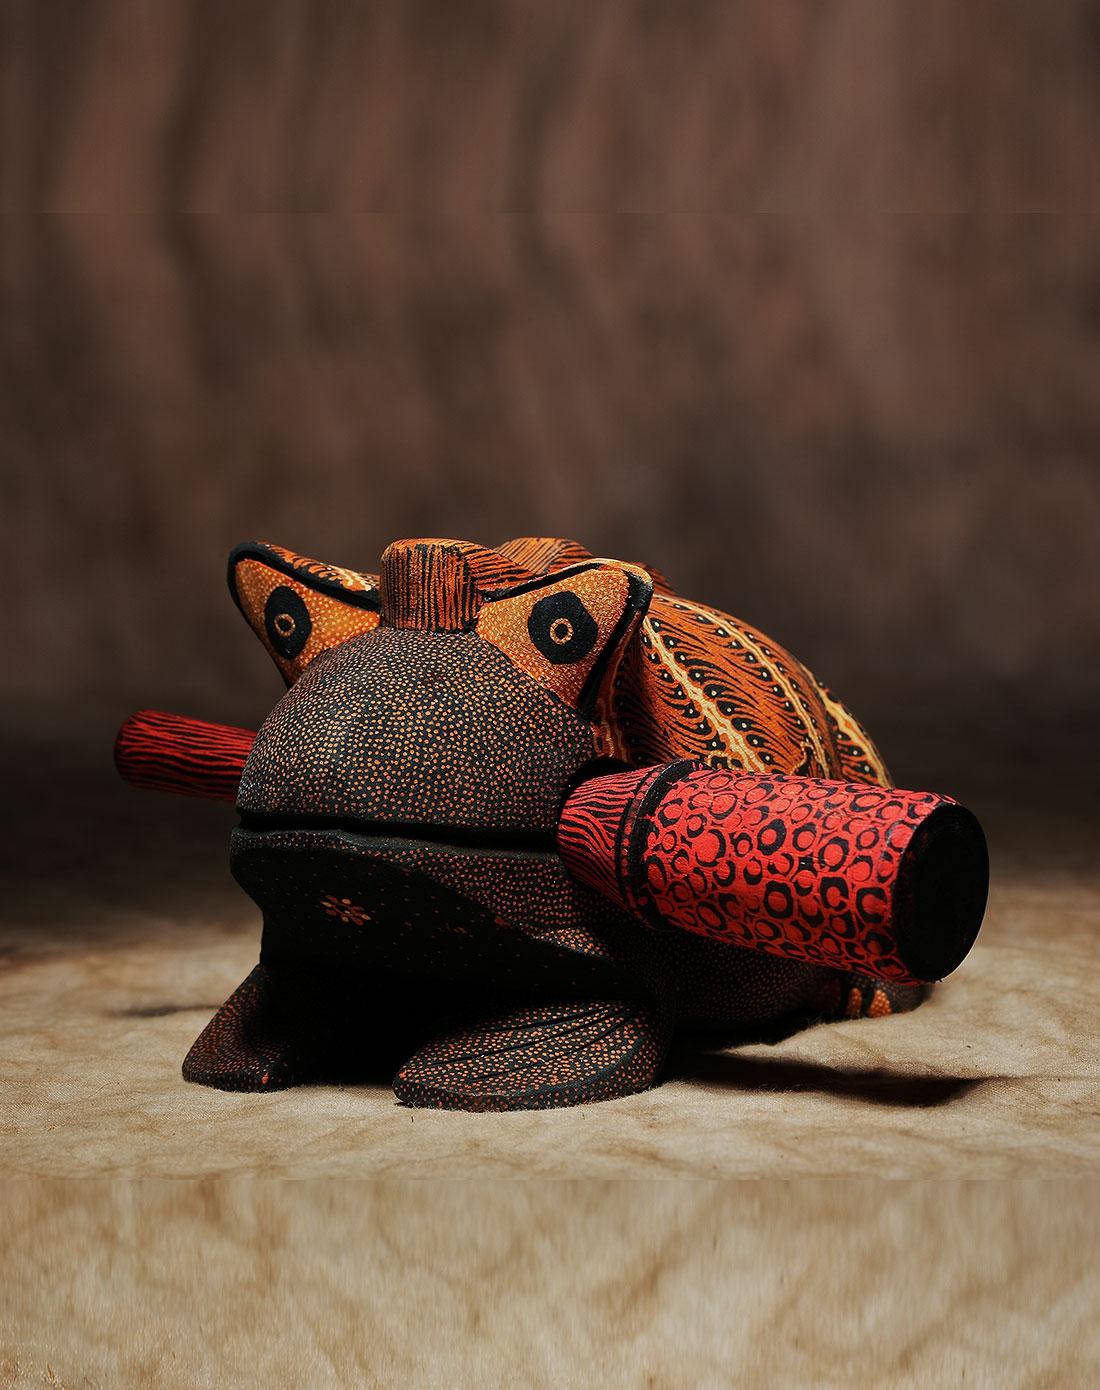 动物 蜥 蜥蜴 1100